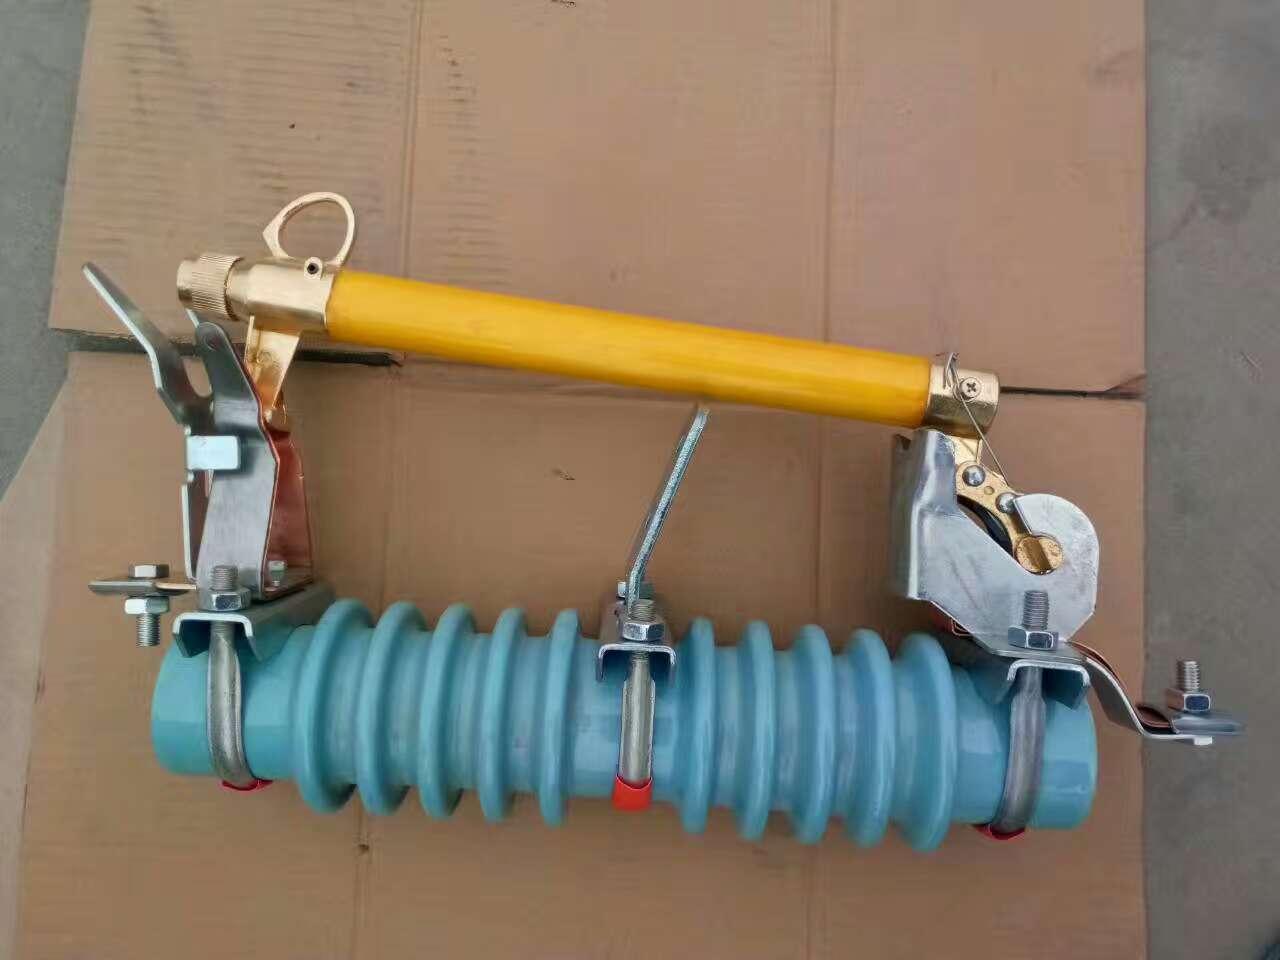 柱上令克开关/HRW10-12-200A-生产厂家/价格低